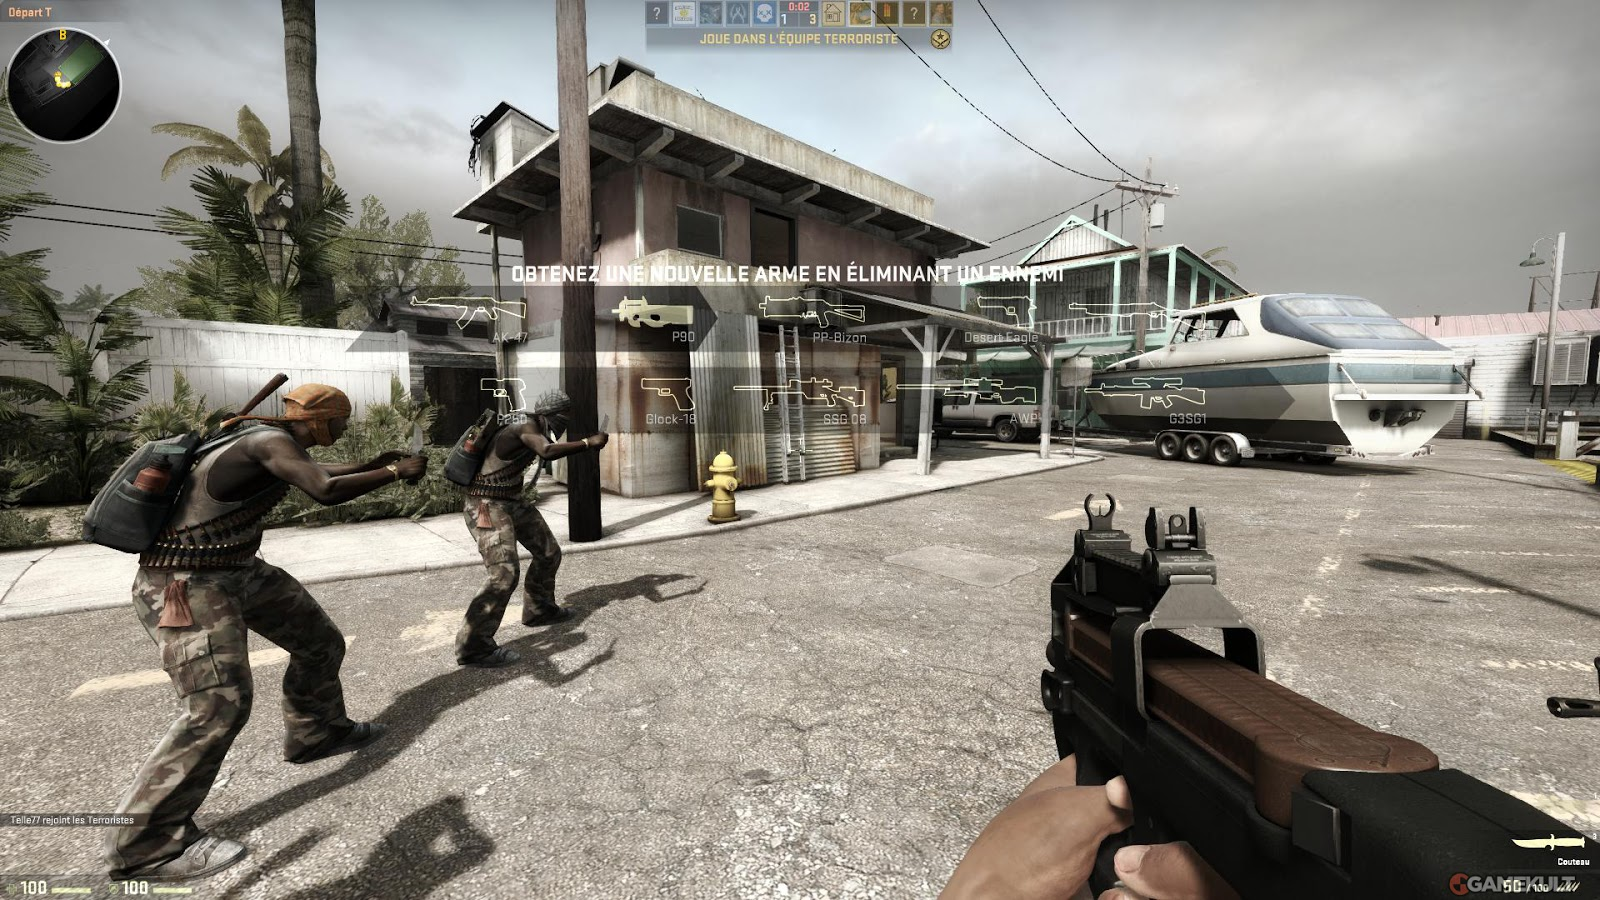 تحميل لعبة الأكشن و الإثارة Counter-Strike Global Offensive Counter-strike-global-offensive-screenshot-ME3050059426_2